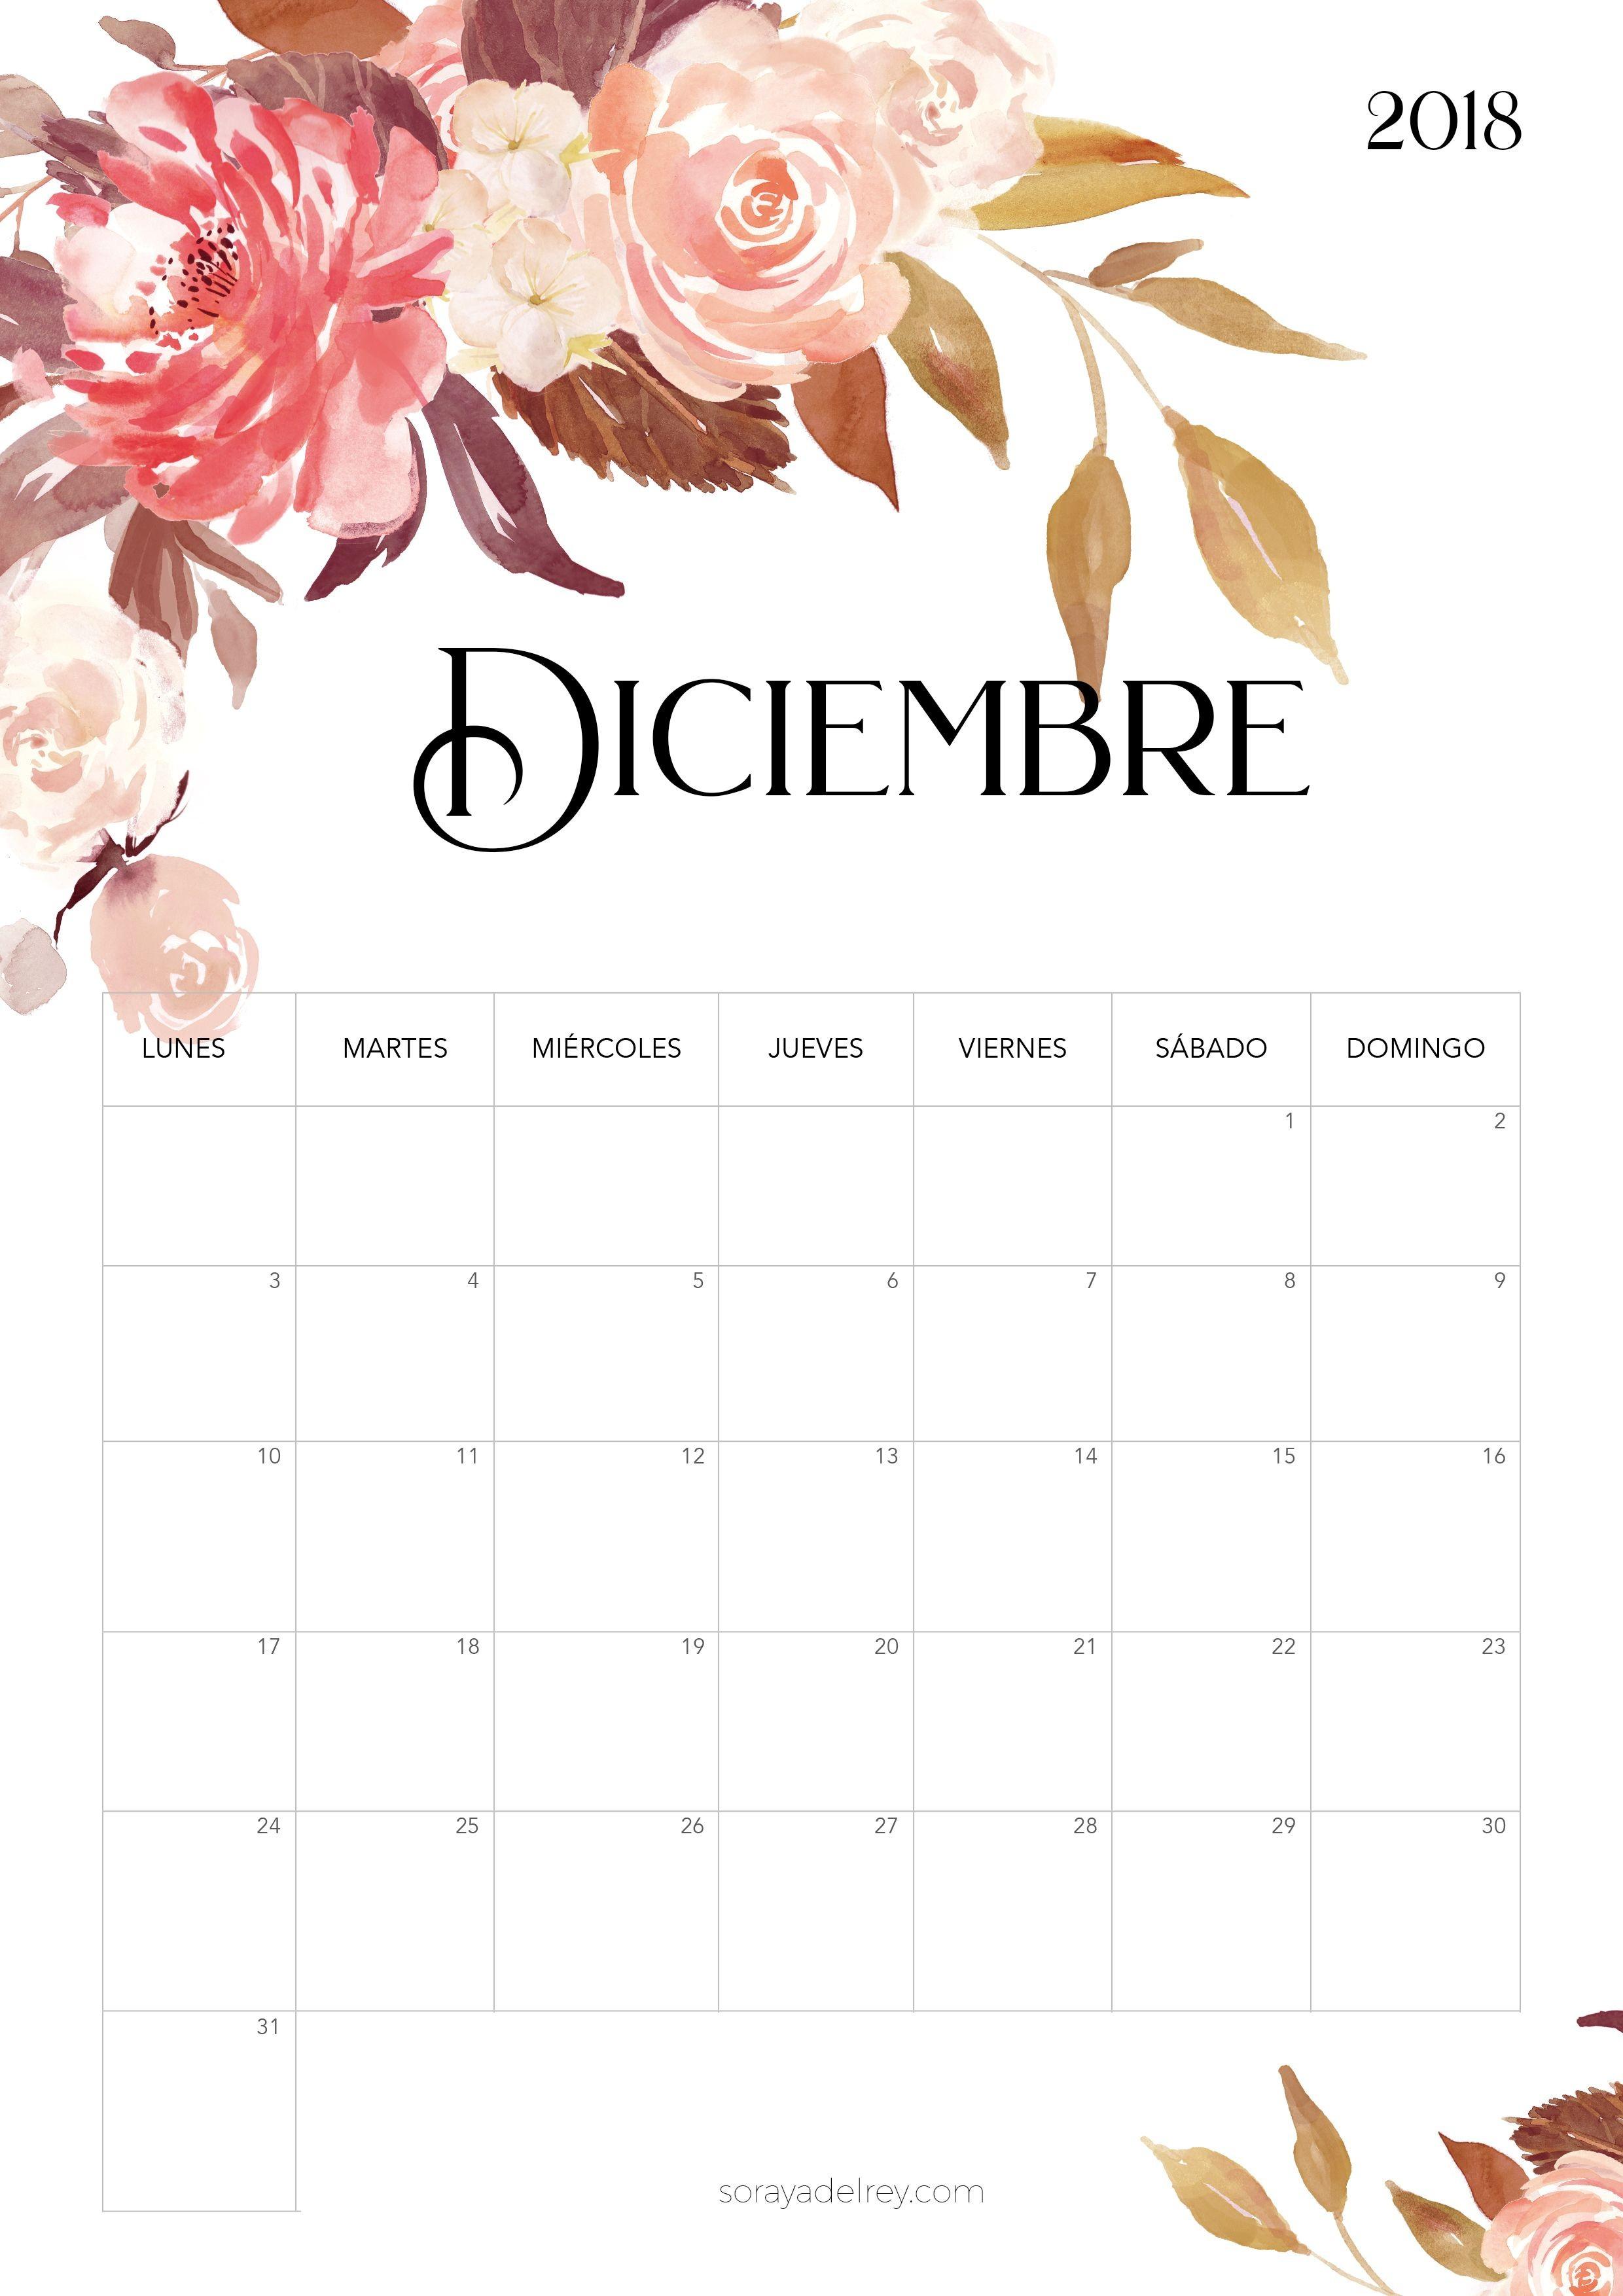 Imprimir Calendario Anual 2019 Más Recientes Calendario Para Imprimir 2018 2019 Of Imprimir Calendario Anual 2019 Actual La Agenda De Puterful Imprescindible Para Anotar El A±o Con Humor